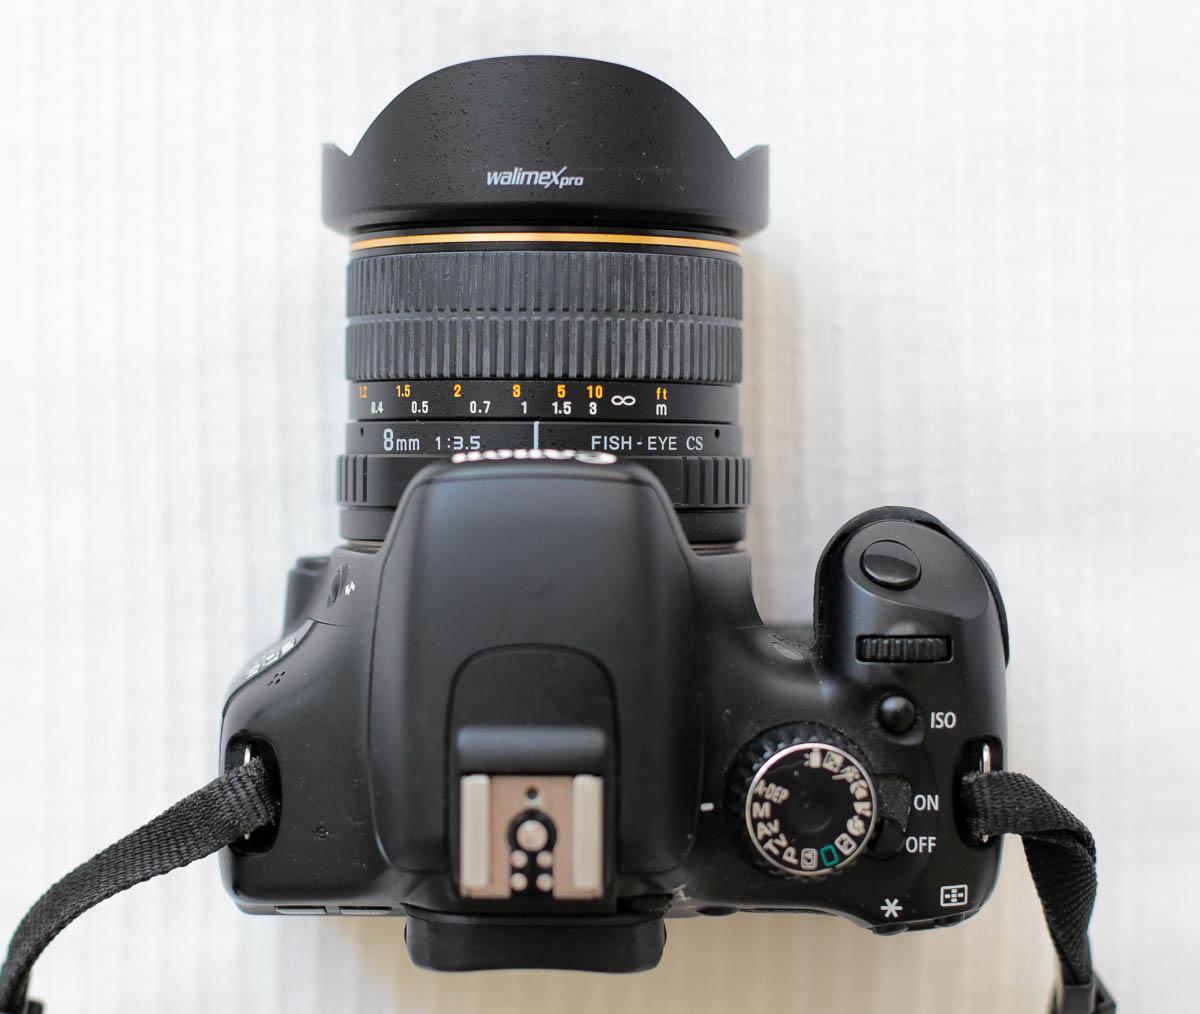 Samyang 8mm halszem objektív Canon 550D vázon